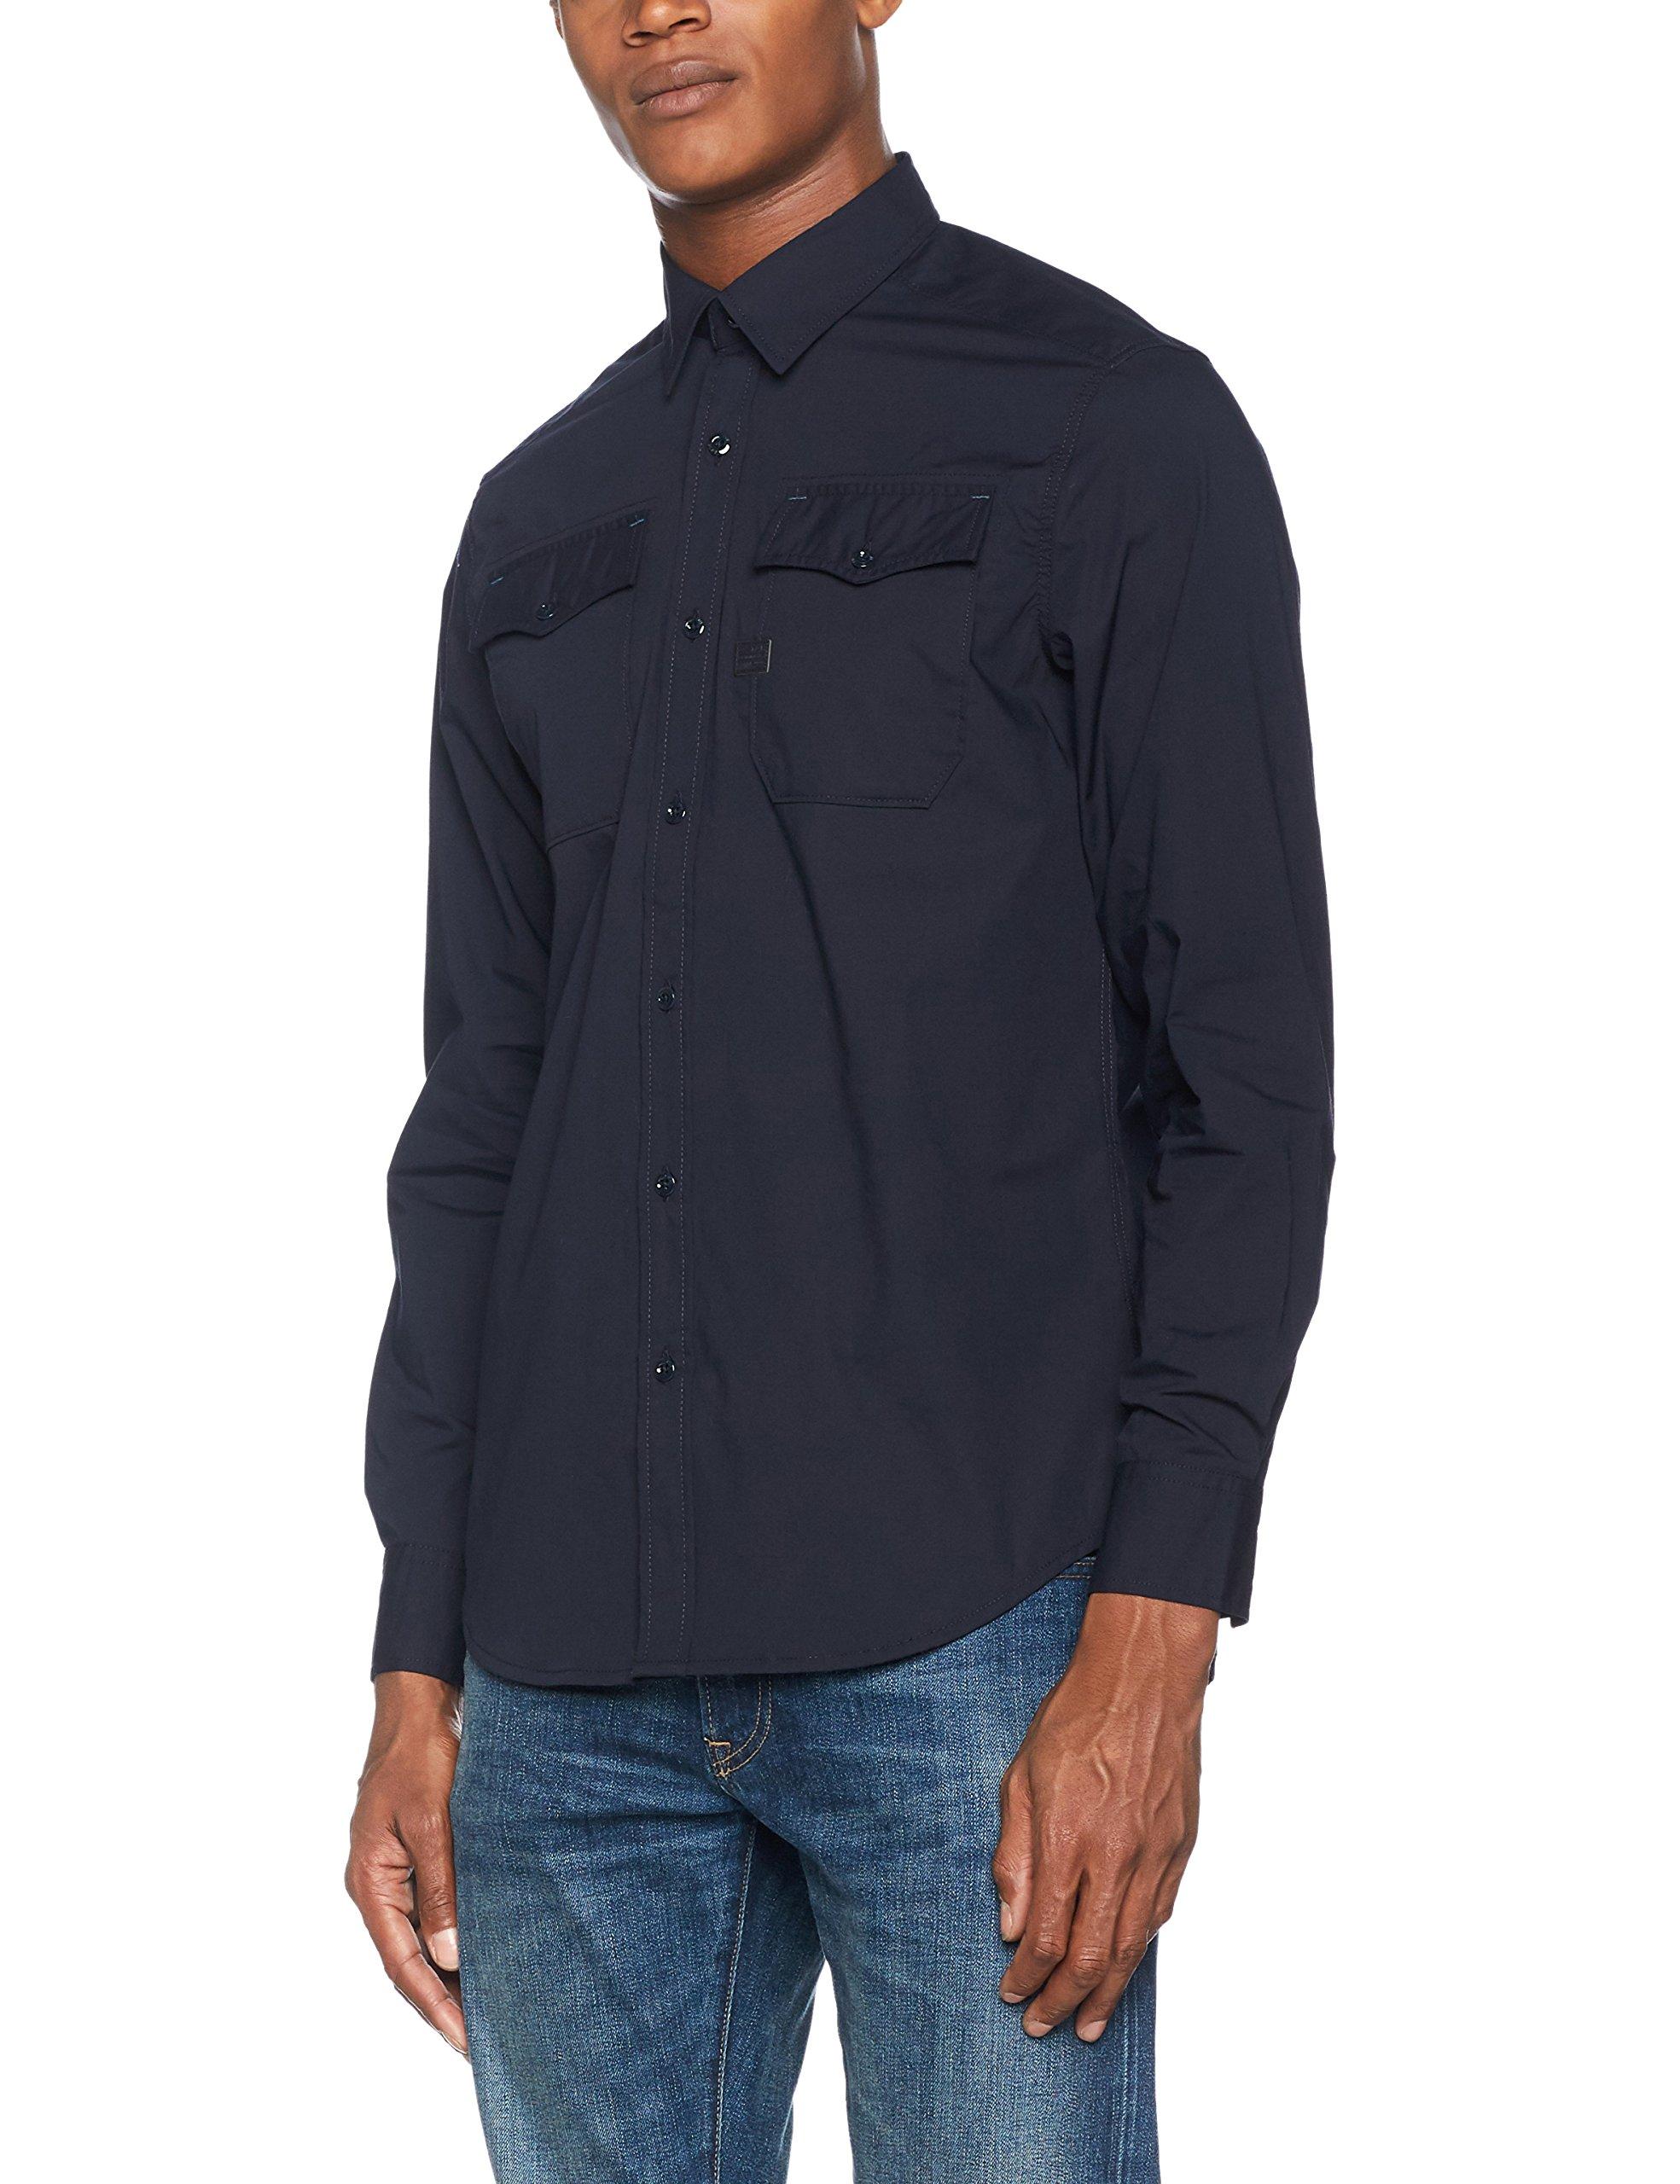 Raw CasualBleulegion G star Homme Shirt Landoh Blue 862Large Chemise s L DEIW9Ye2H